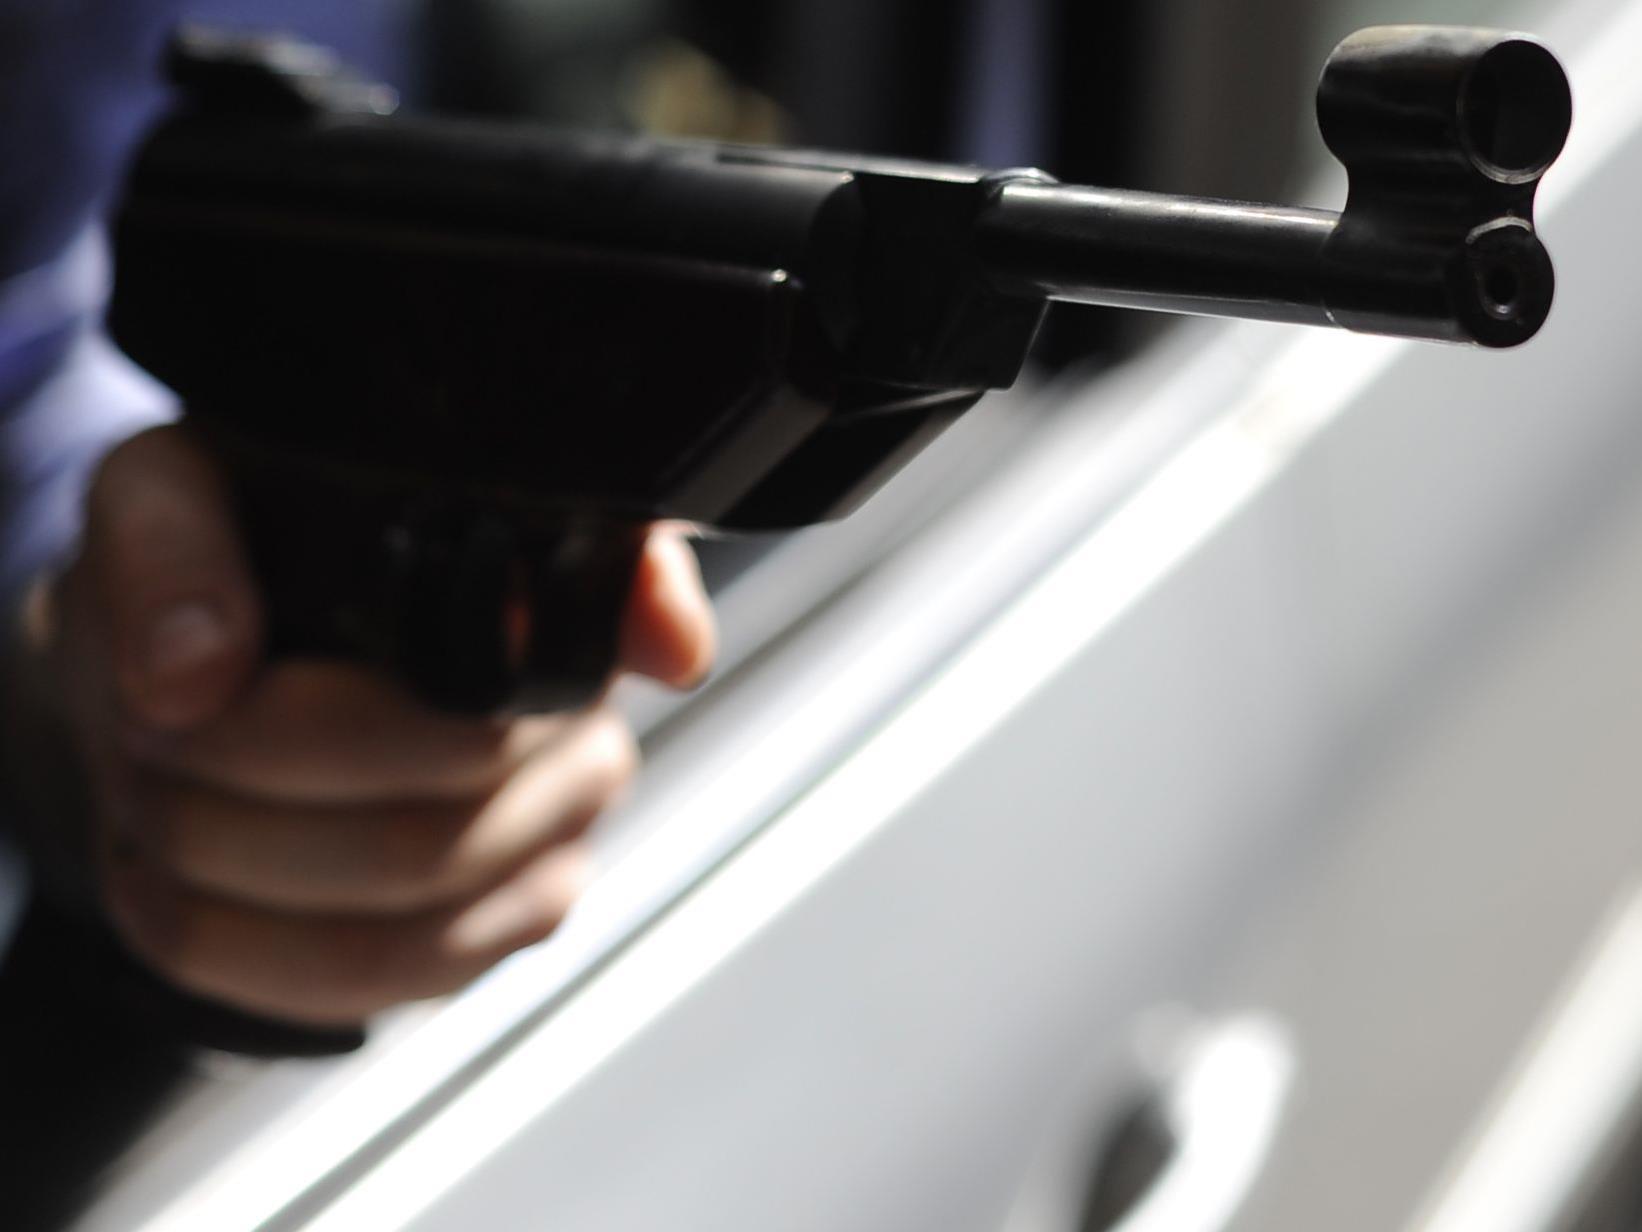 Nach Wien schießt nun in Klagenfurt ein Mann auf Passanten